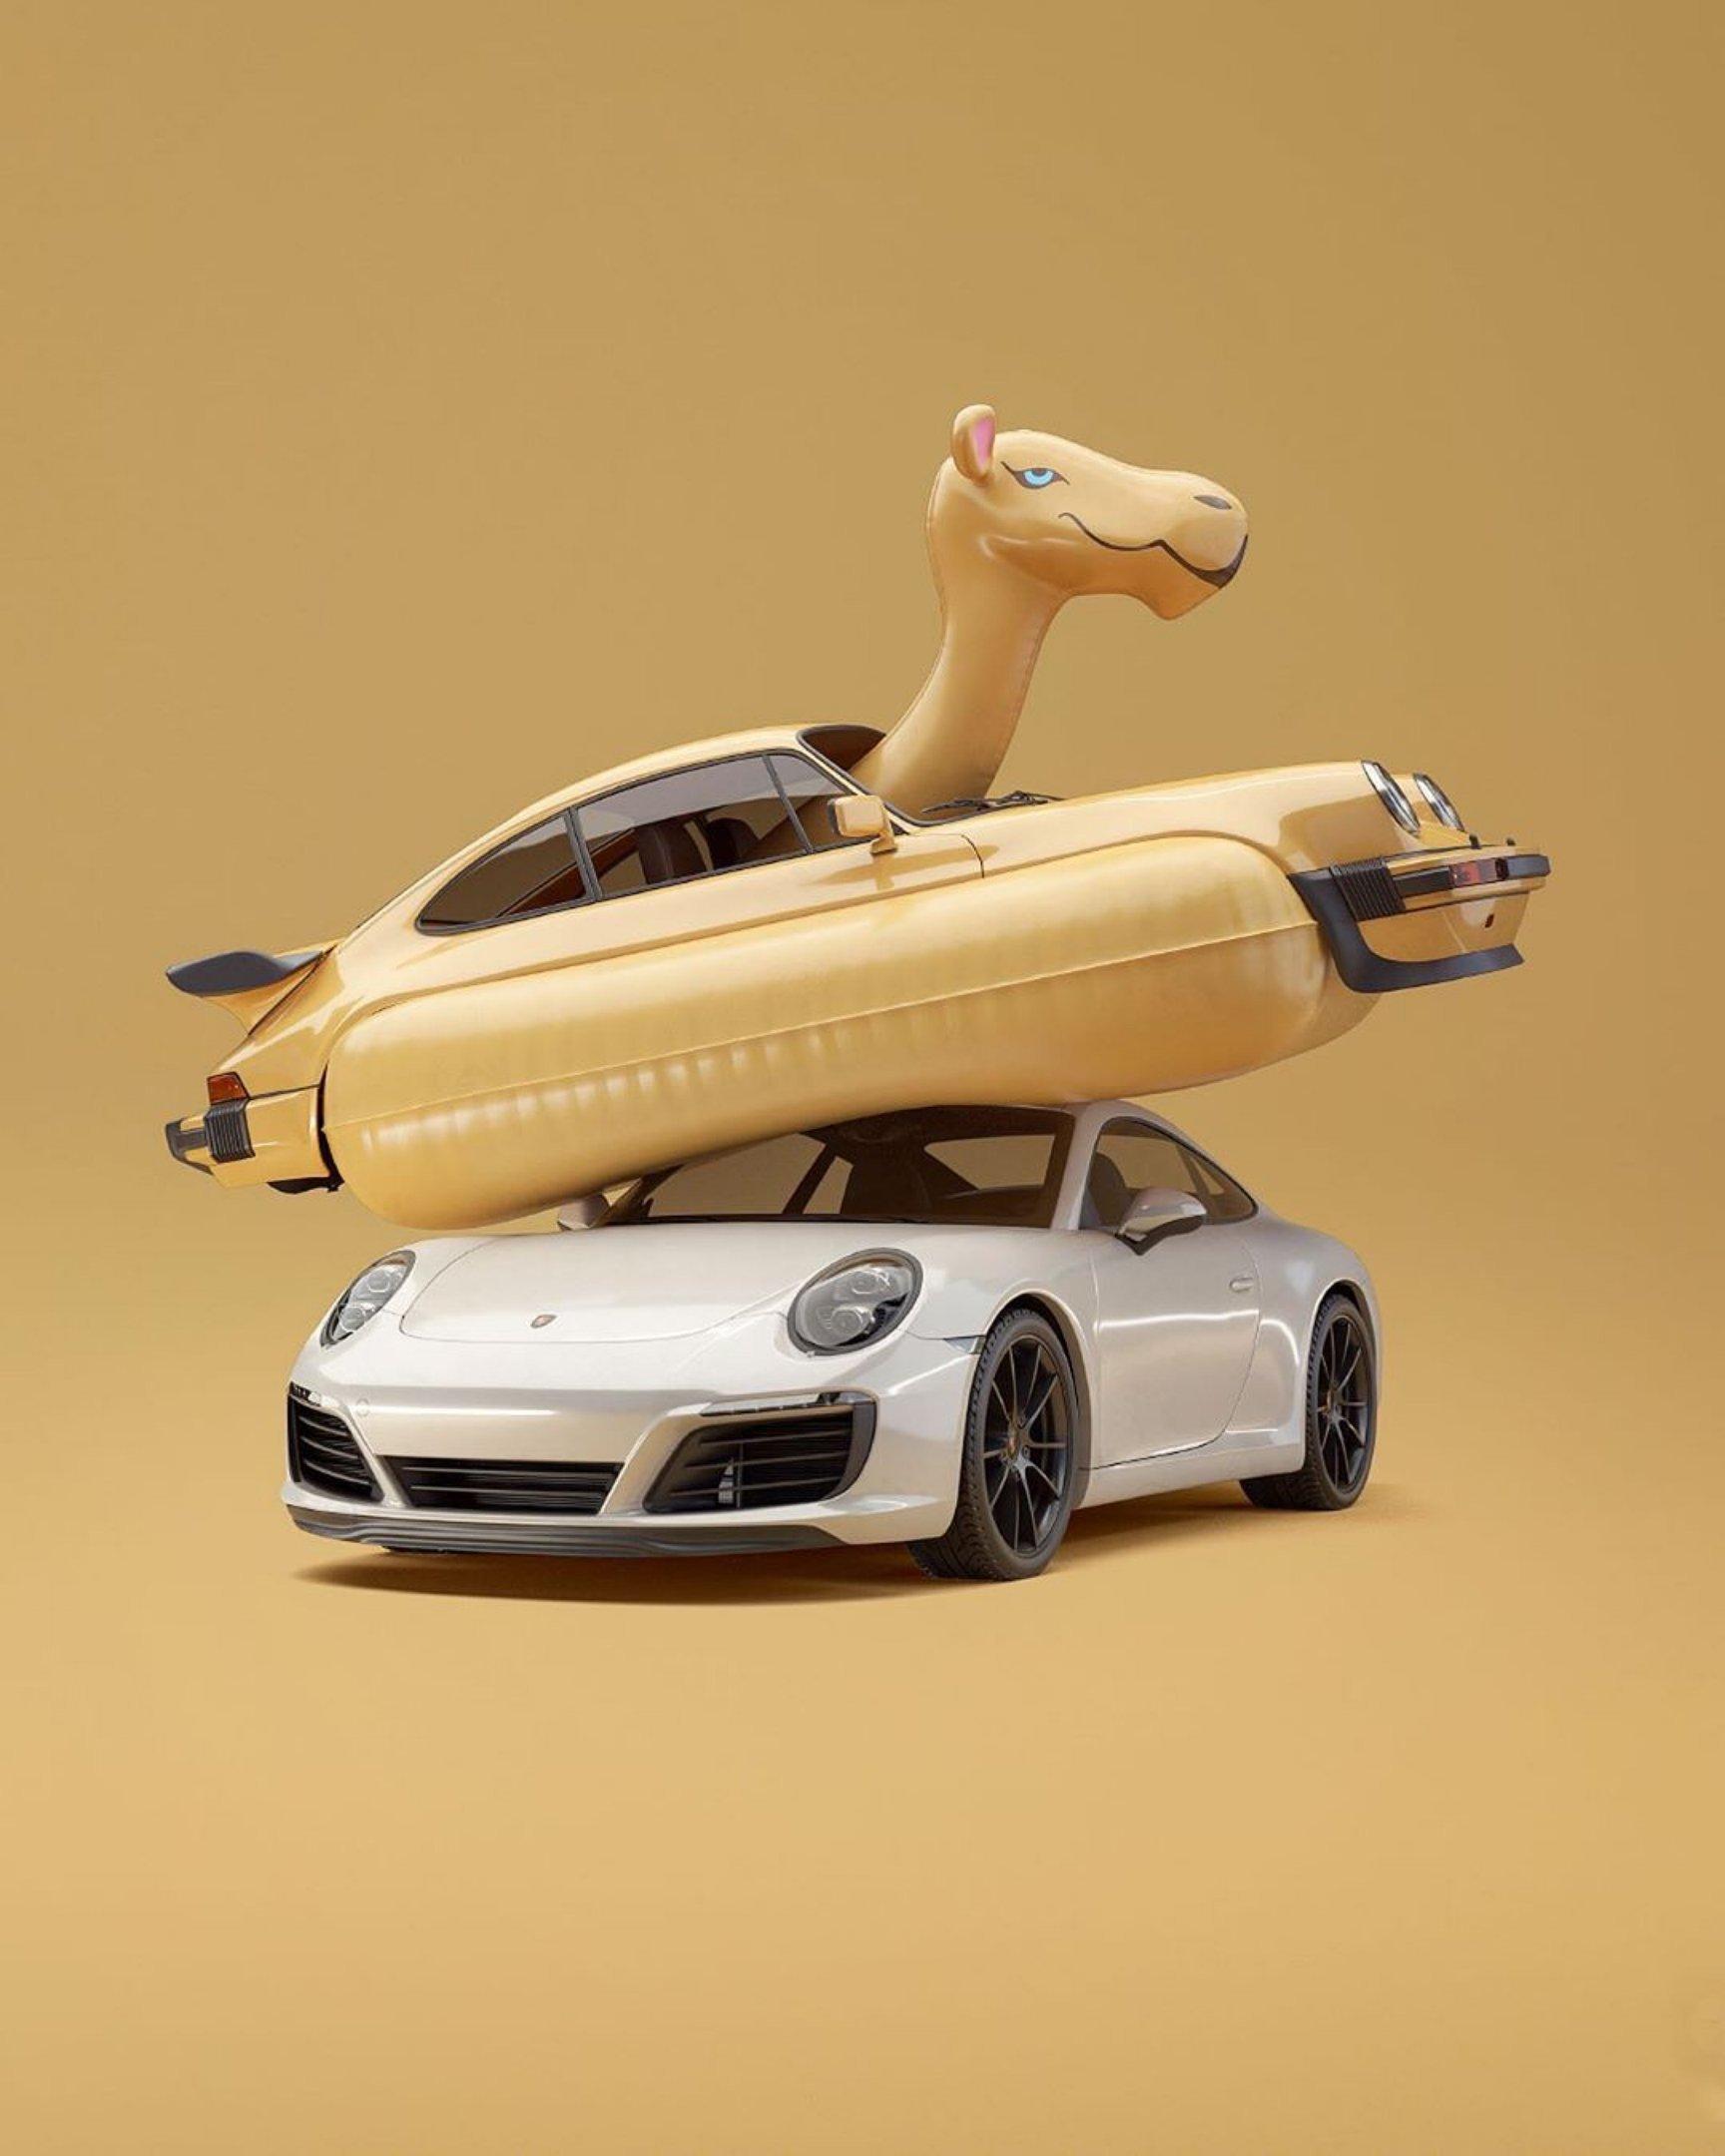 Trabalho de Chris Labrooy: arte com carros